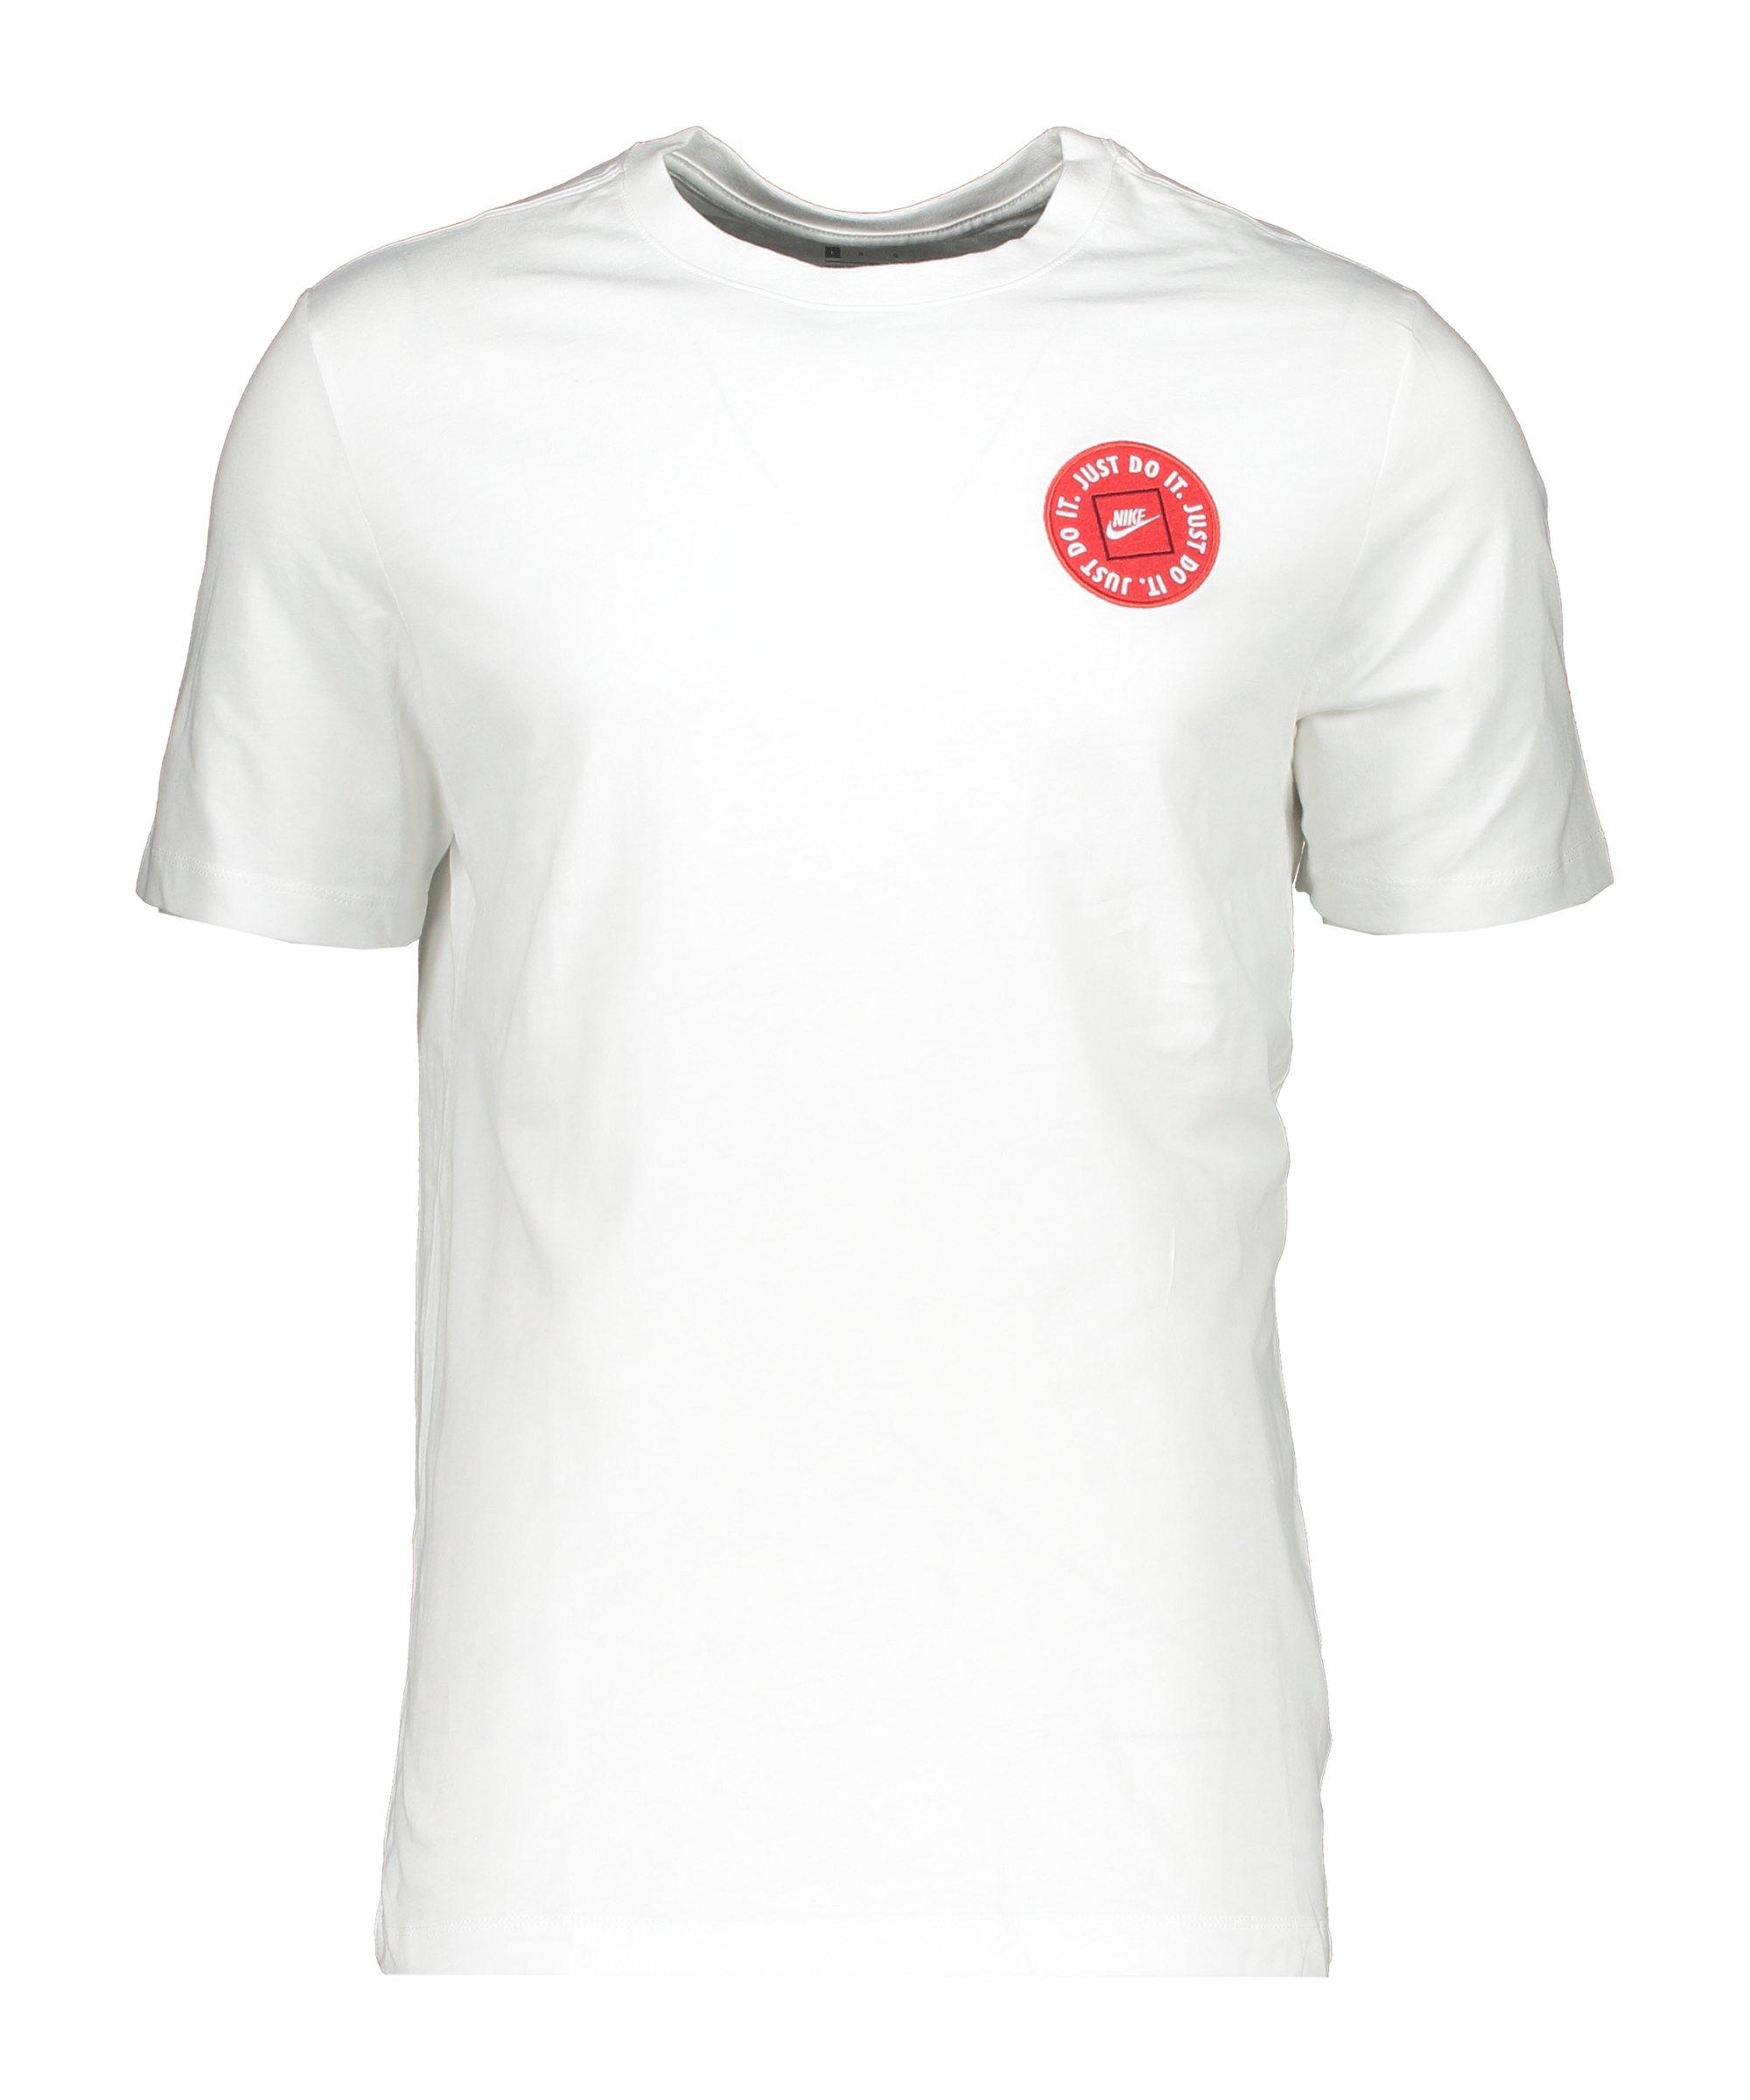 Nike Just Do It LBR 2 T-Shirt Weiss F100 - weiss